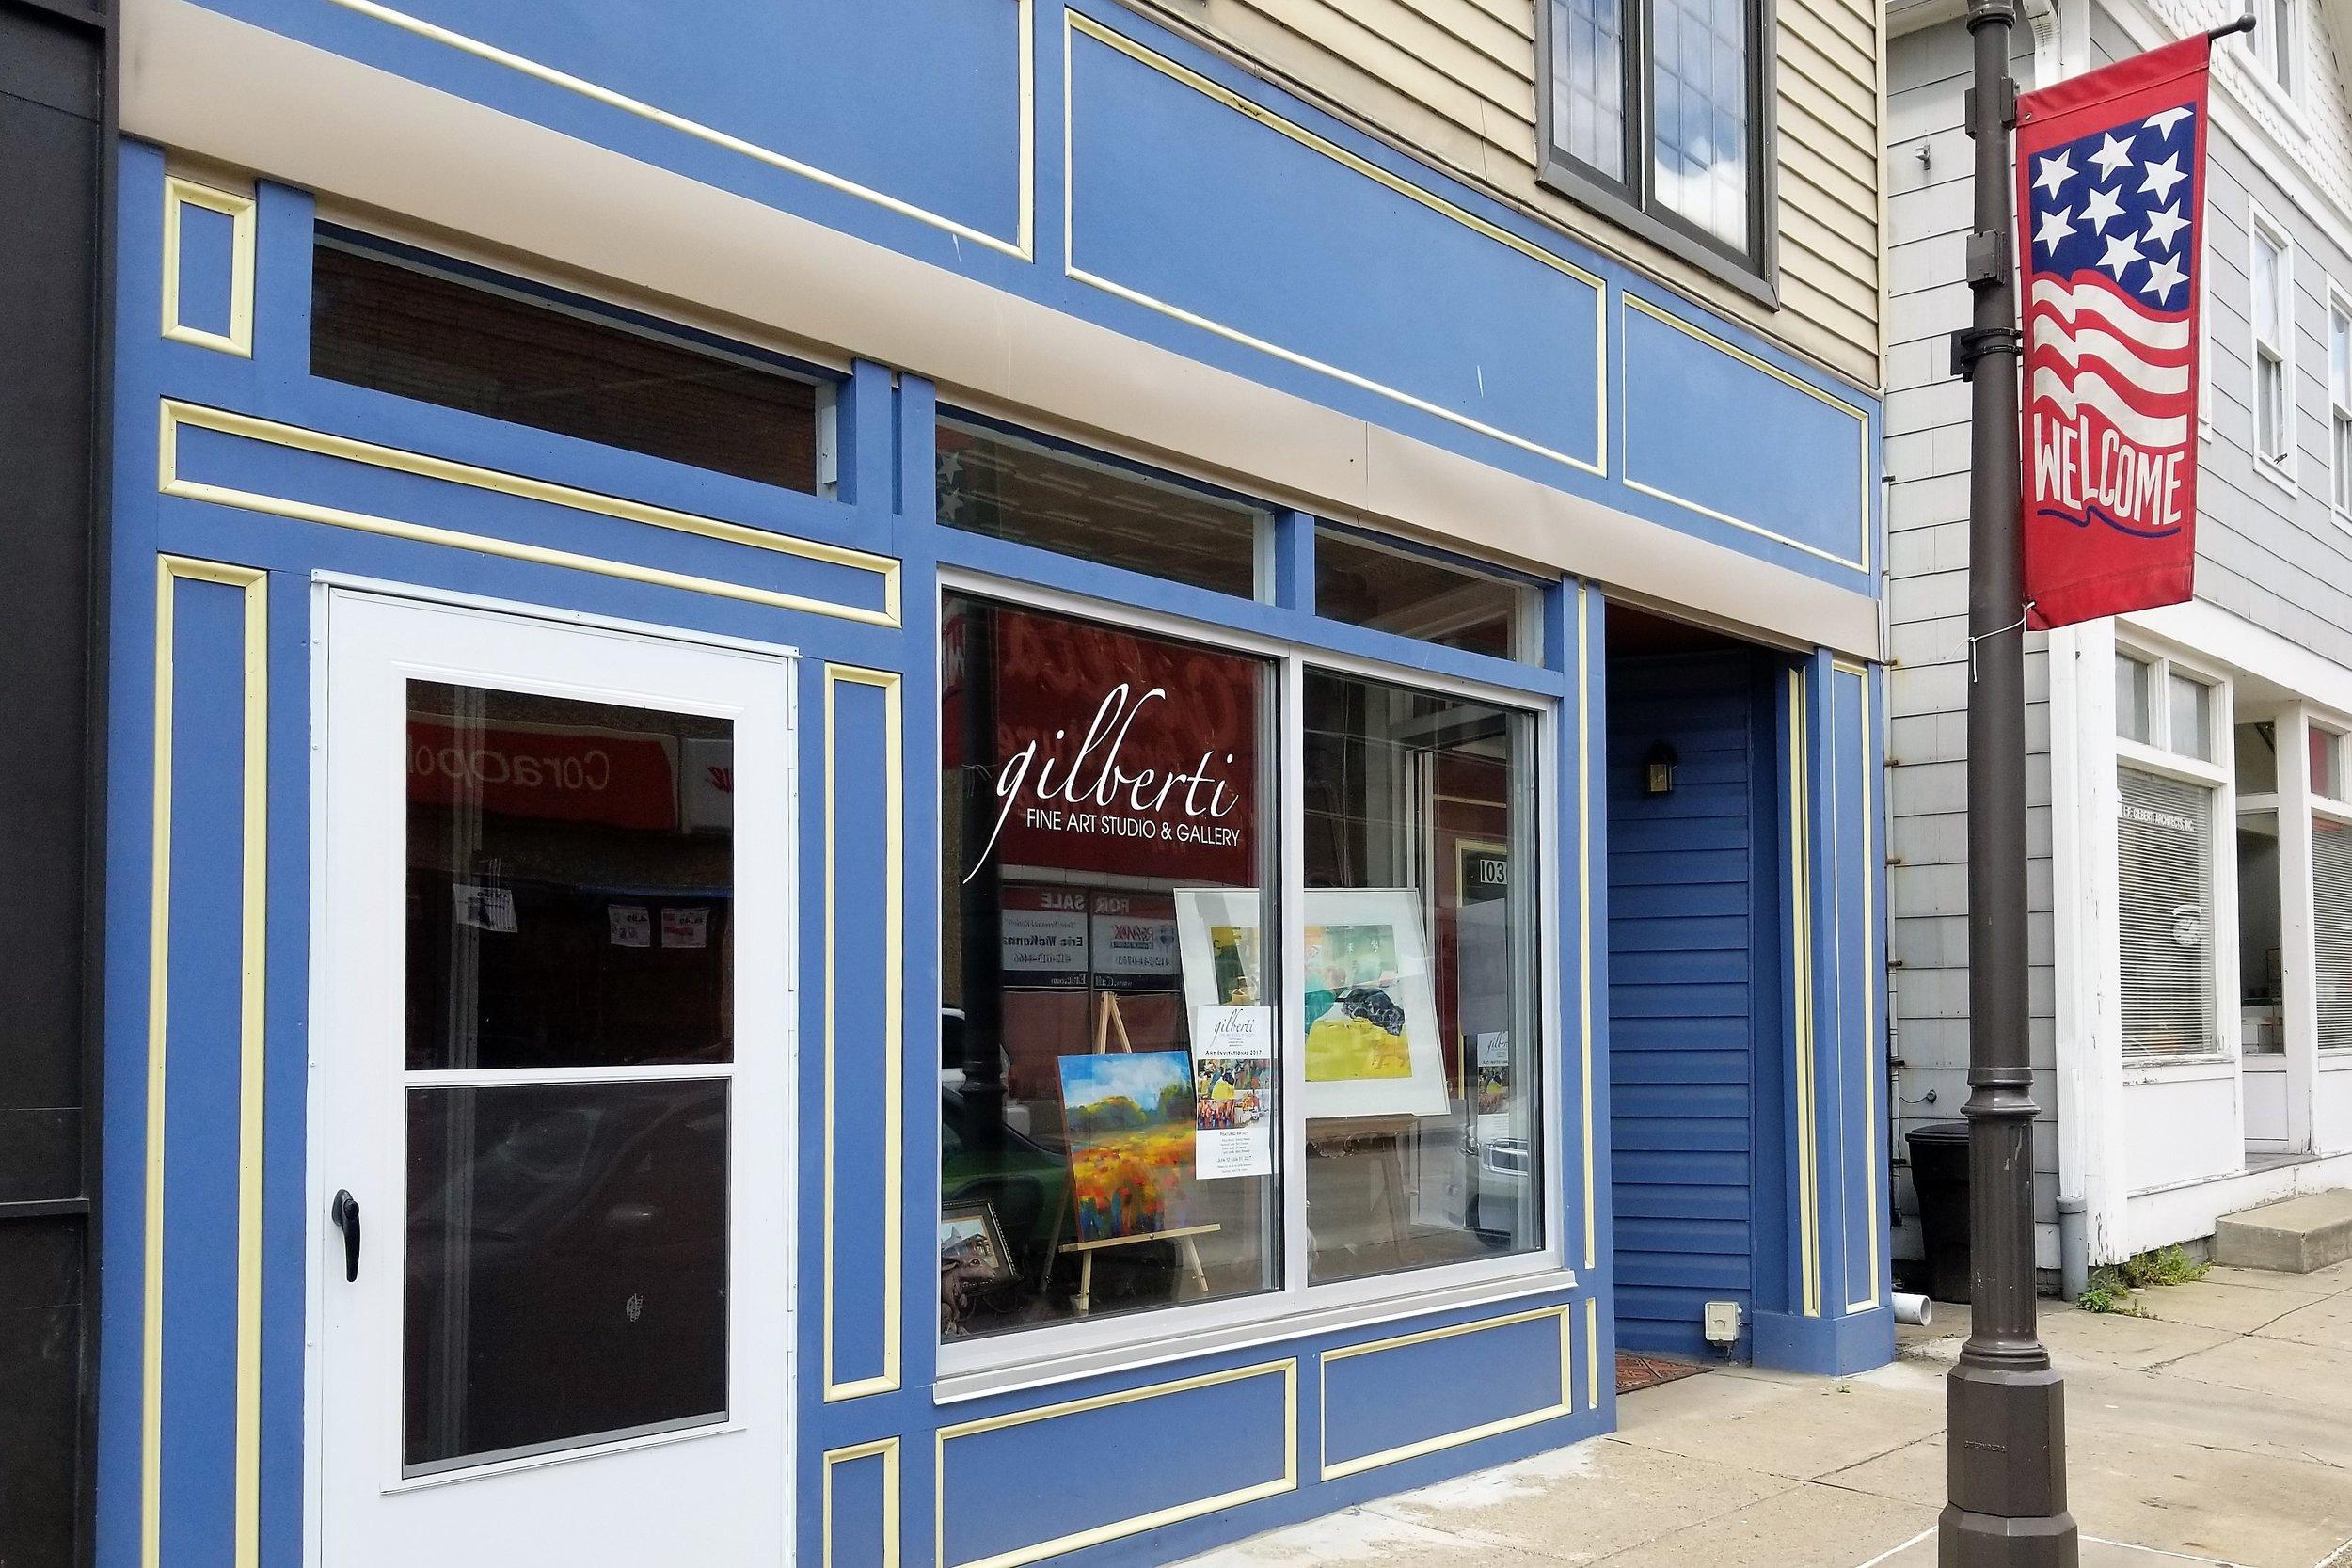 Gilberti Fine Art Studio & Gallery - 1030 5th Ave, (412) 303-4590